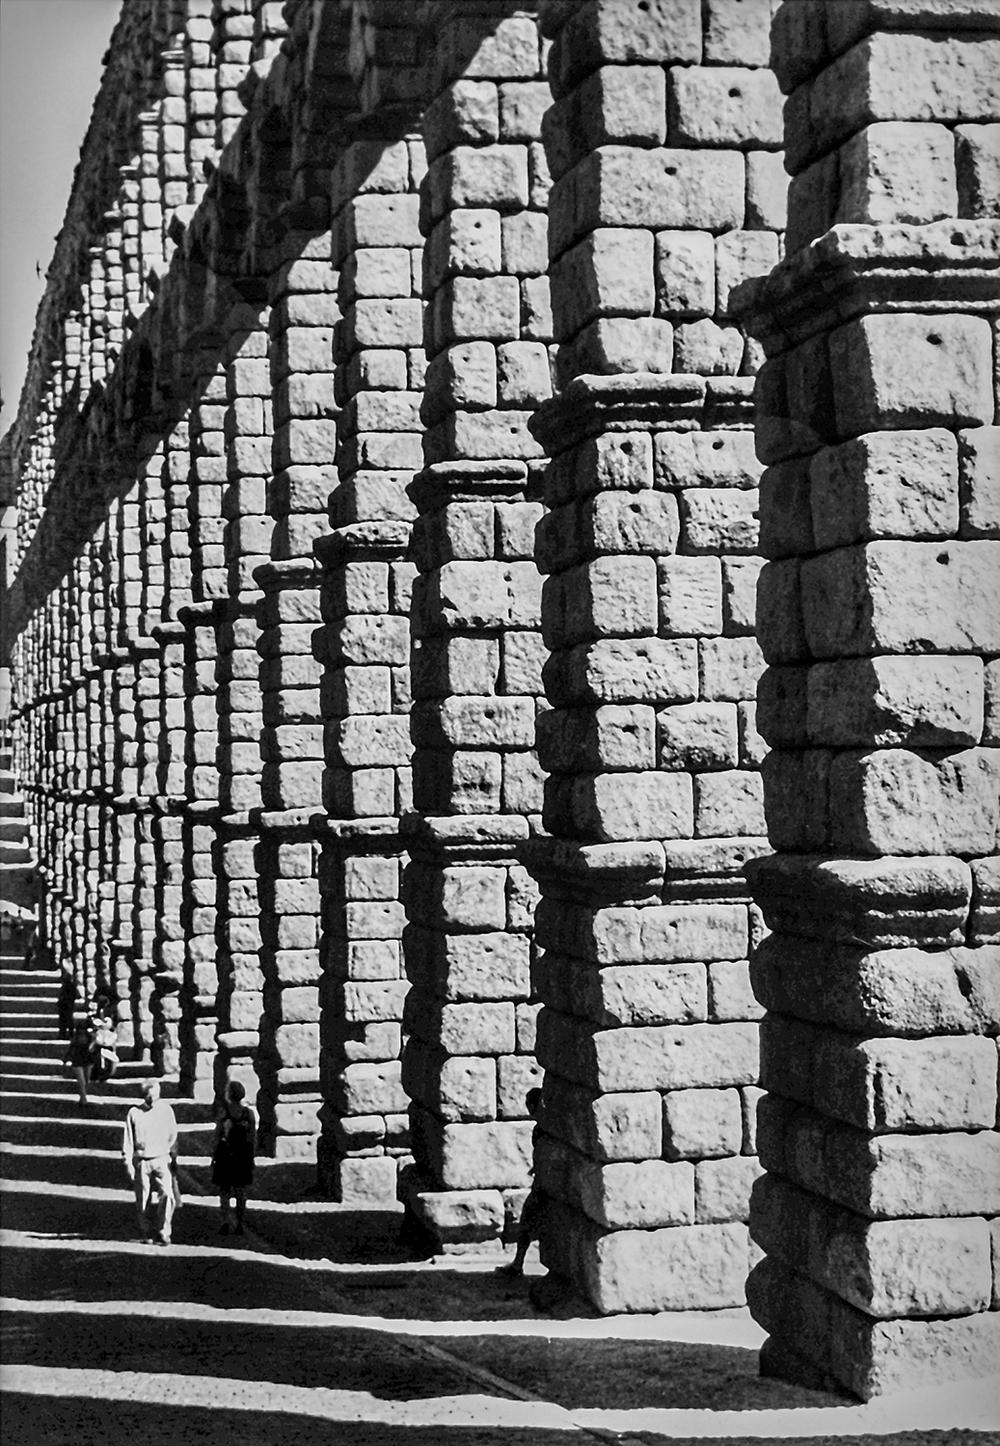 Segovia Shadows, Segovia